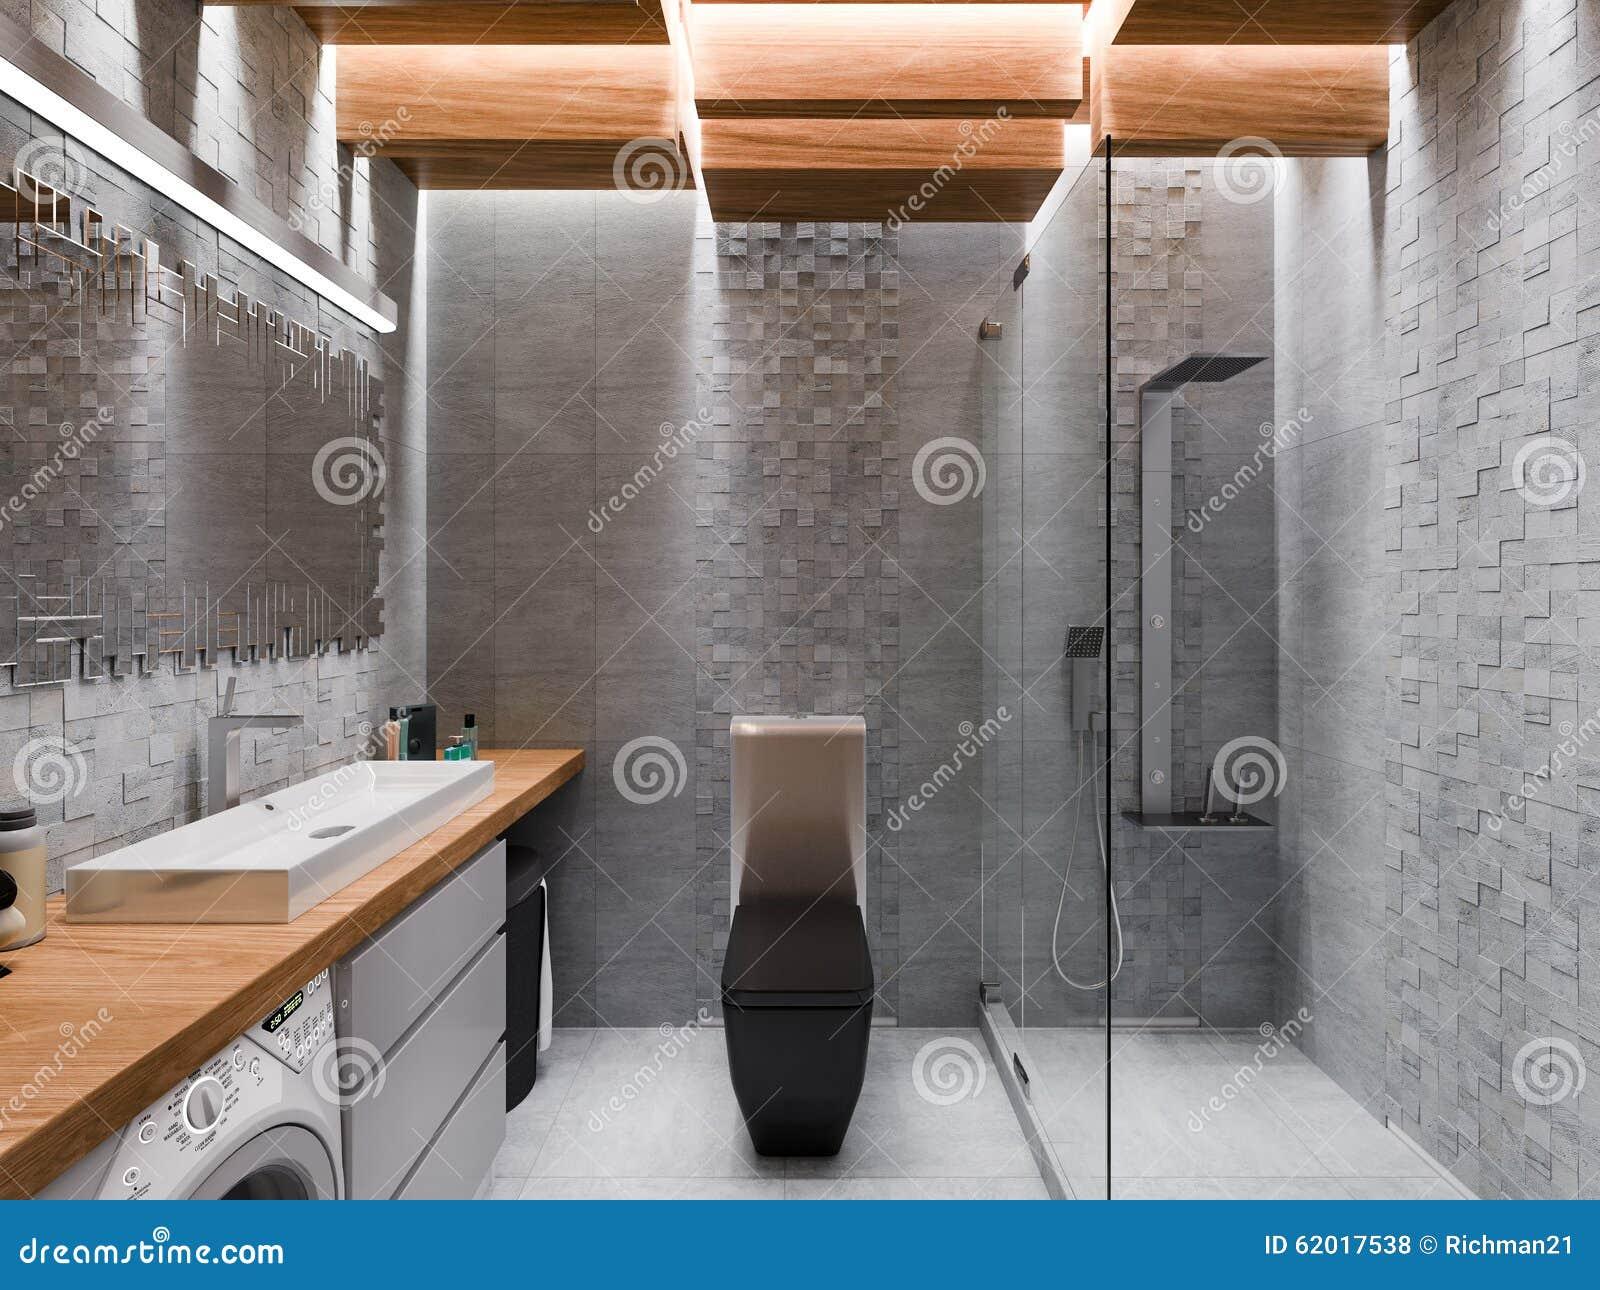 Visualizaci n 3d de un cuarto de ba o en una piedra gris y un mosaico stock d - Outil 3d salle de bain ...